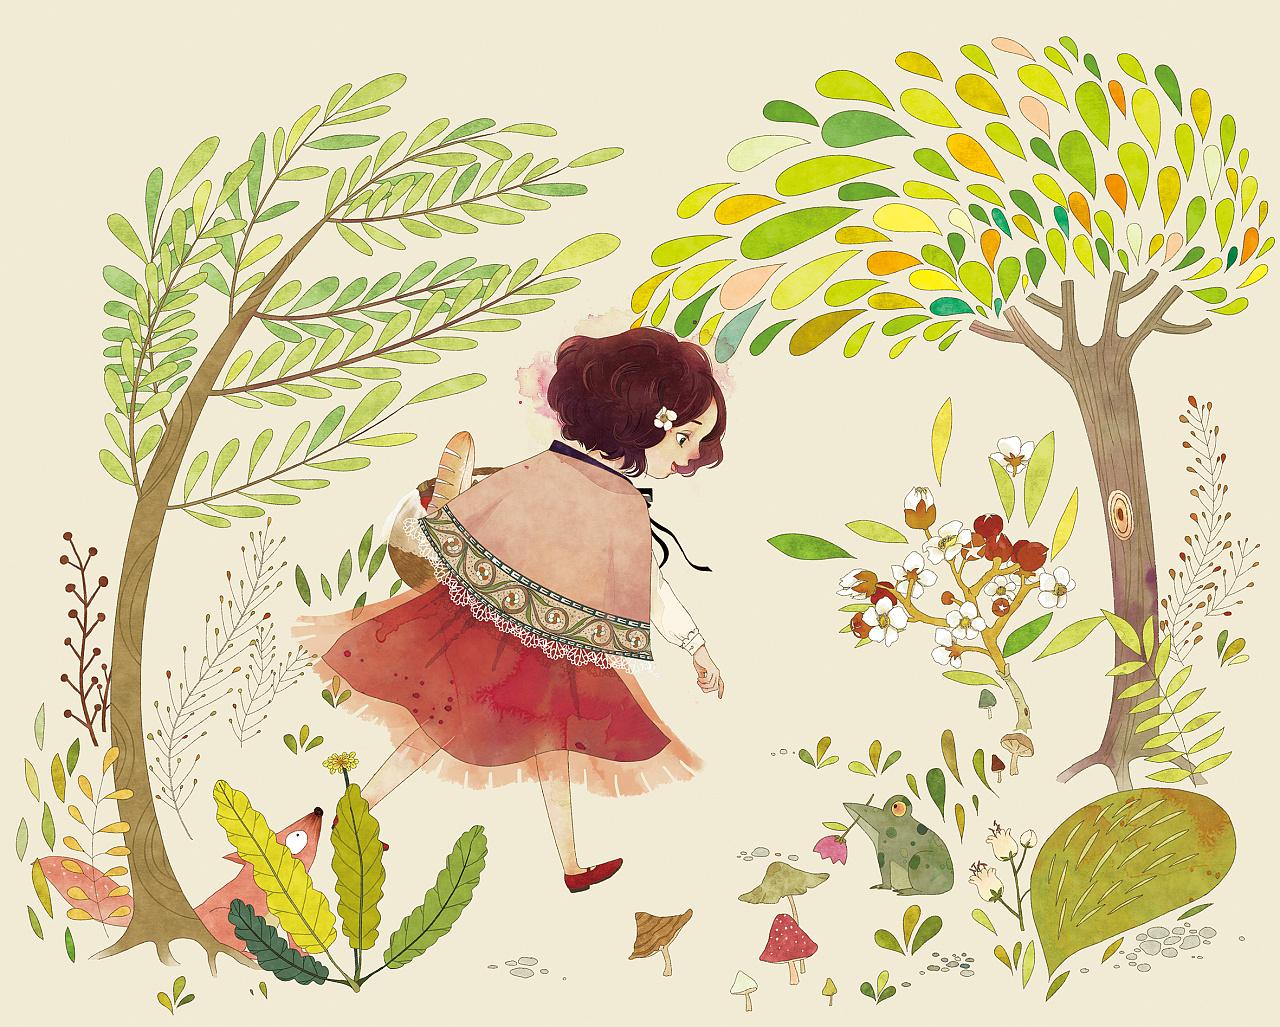 小路 br>那森林里的小动物 br>会不会都已睡熟 br>绿盈盈的草坡上 br>